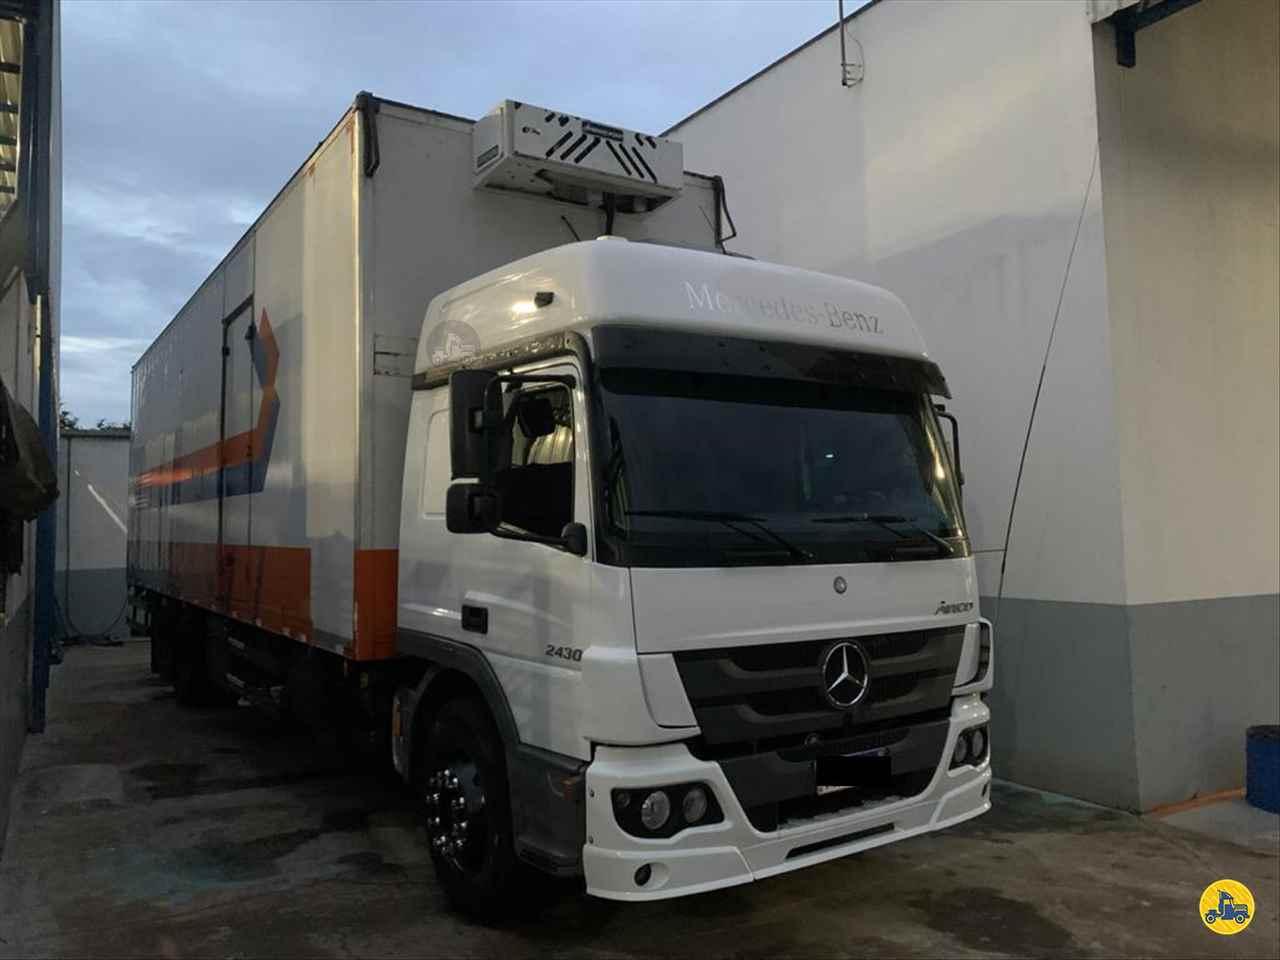 CAMINHAO MERCEDES-BENZ MB 2430 Baú Térmico Truck 6x2 Barbosa Caminhões LINS SÃO PAULO SP